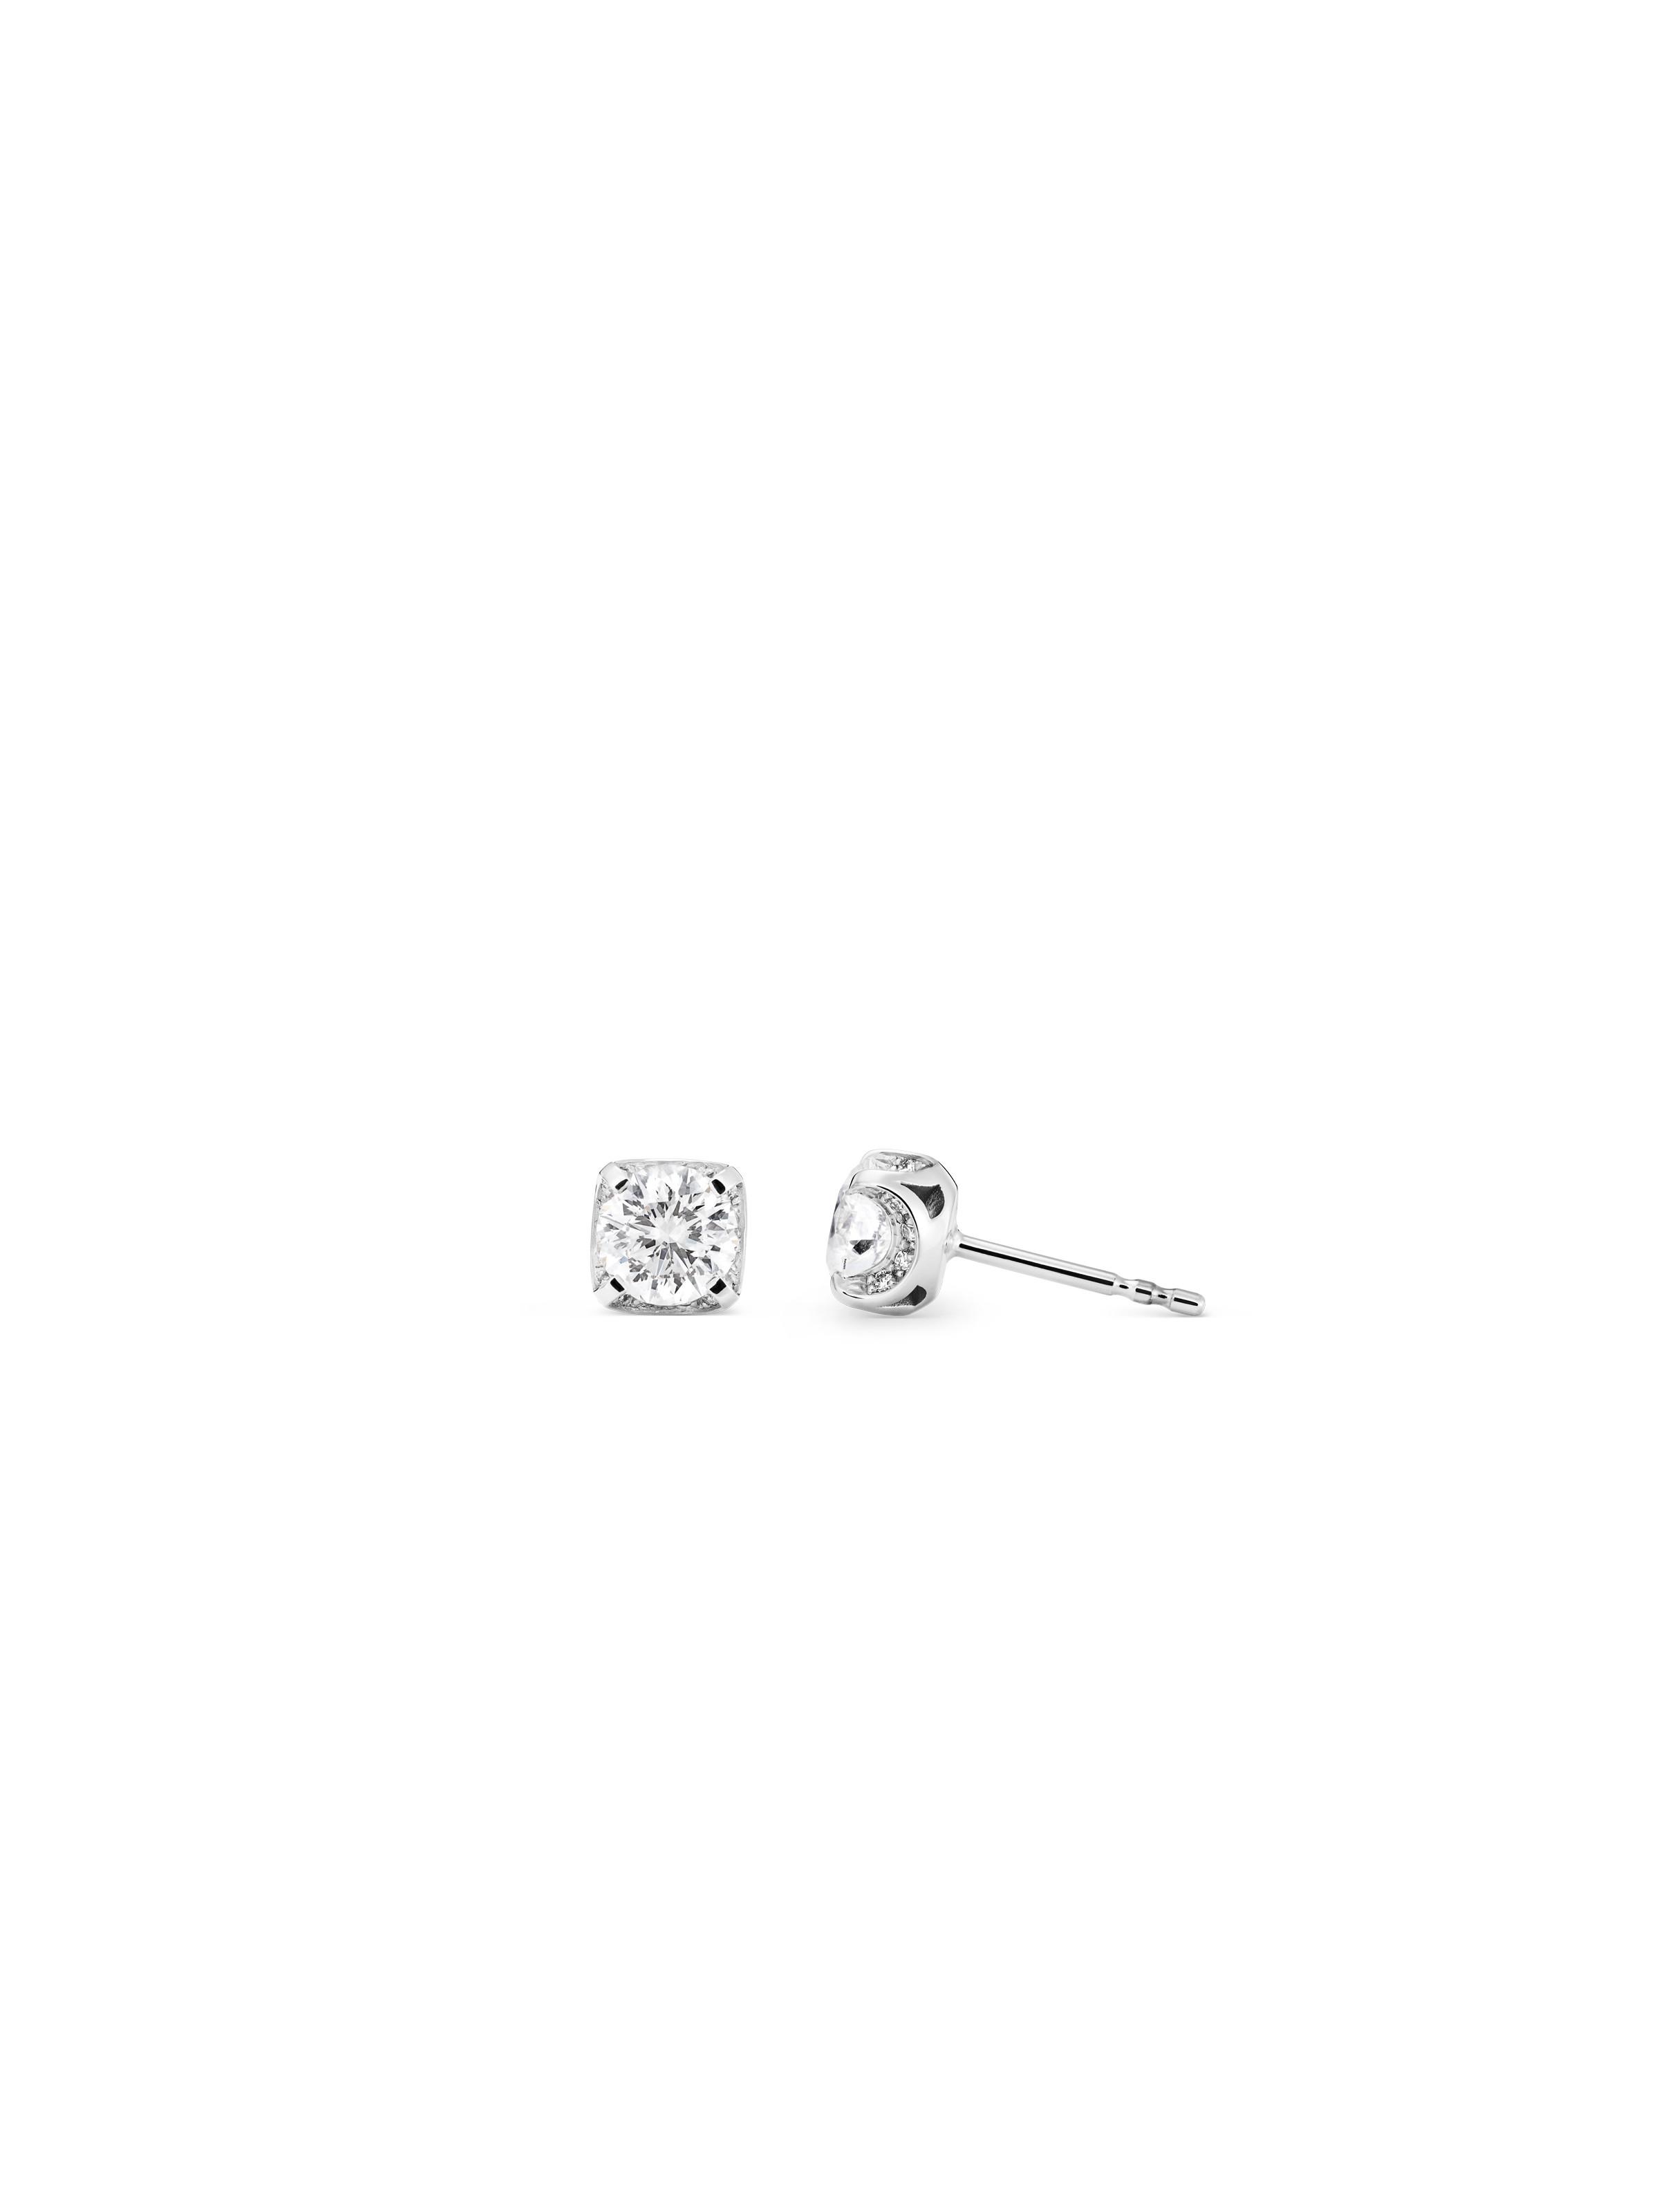 Splendora earrings